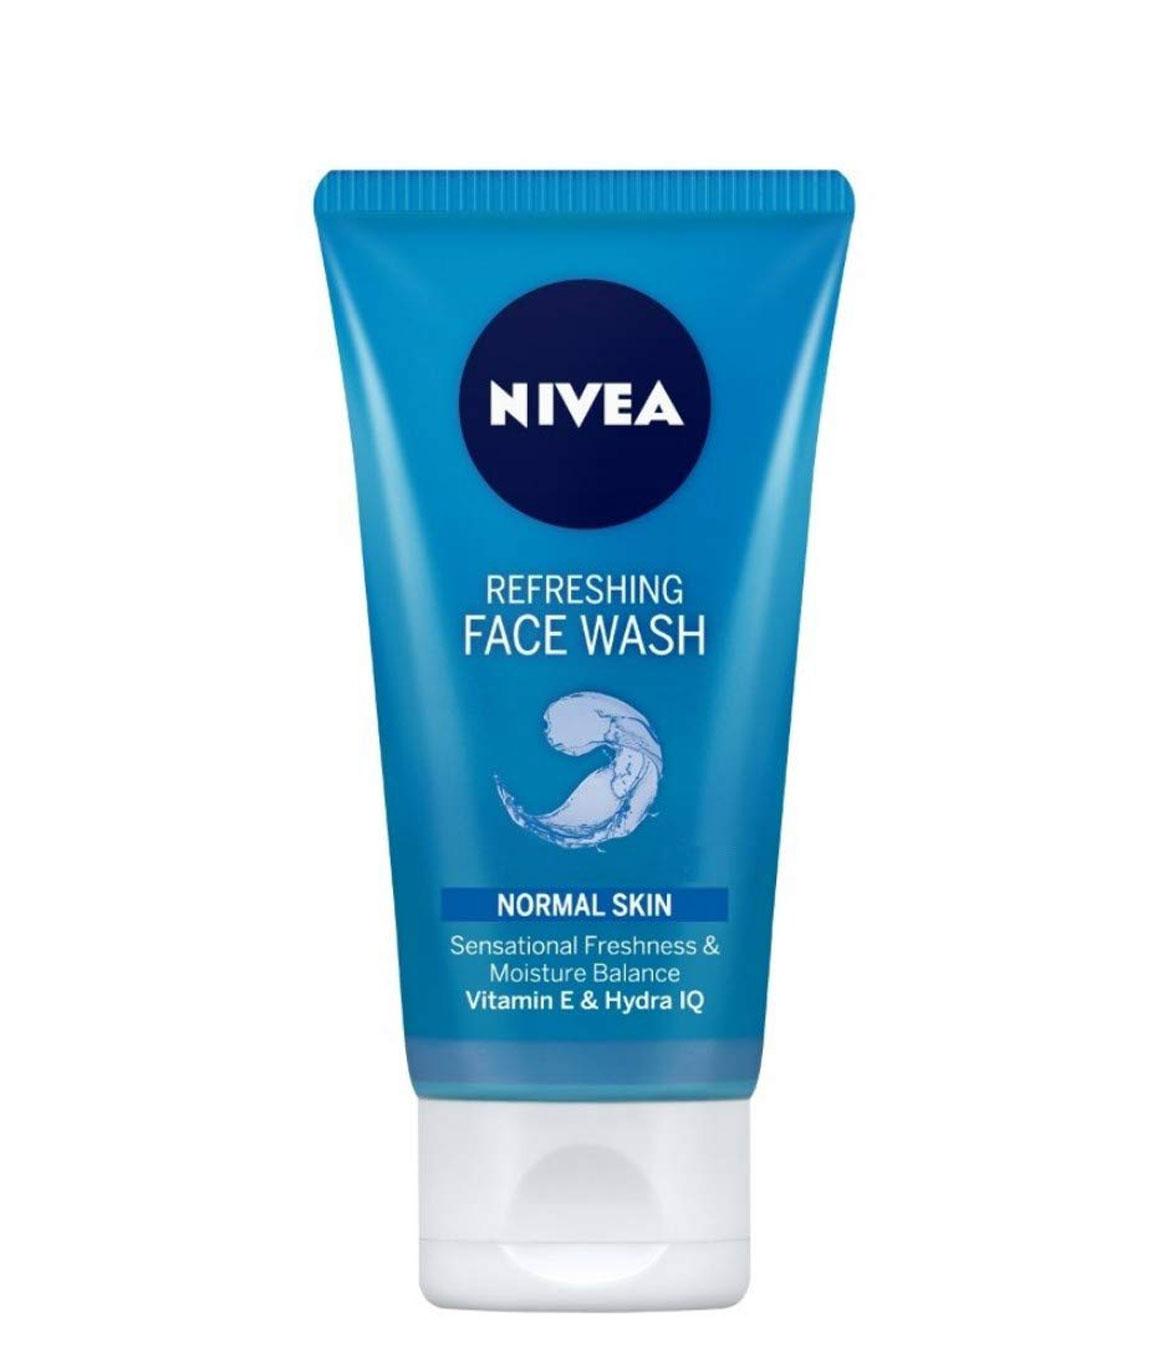 NIVEA Face Wash, Refreshing, 150ml